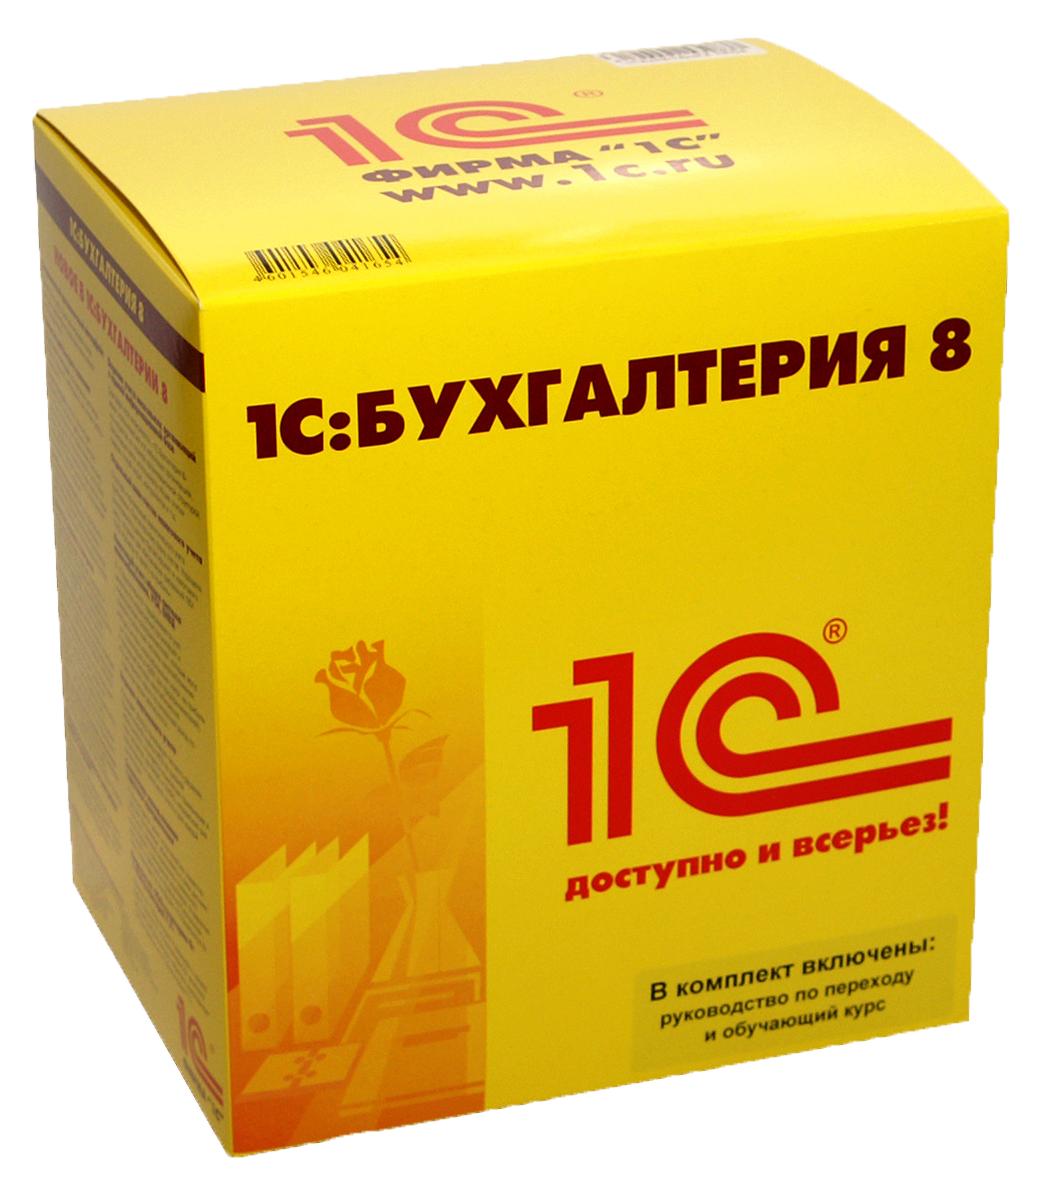 Программное обеспечение 1C:Бухгалтерия 8 ПРОФ (программная лицензия)